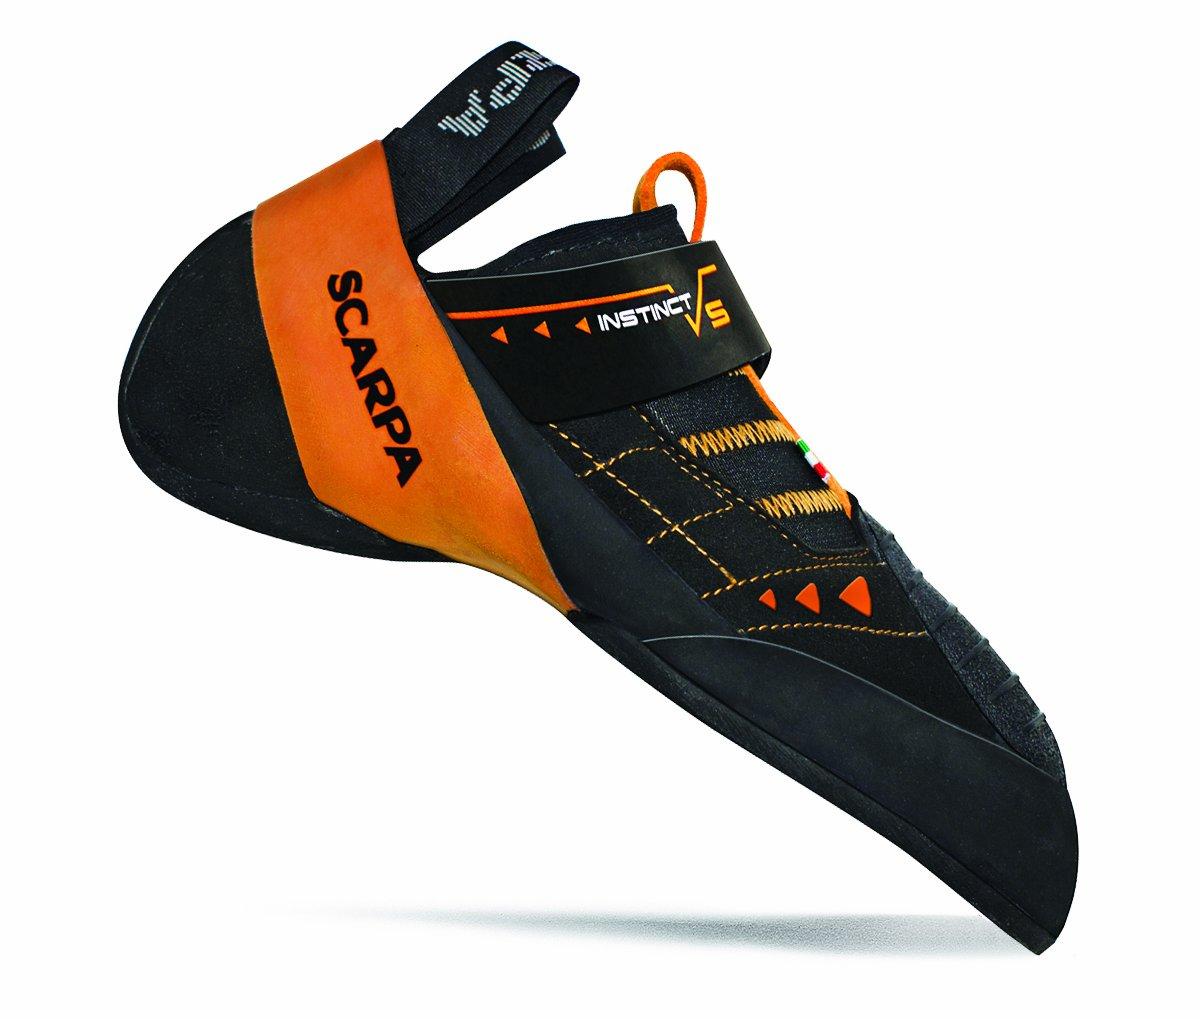 Scarpa Men's Instinct VS Climbing Shoe,Black,44.5 EU/11 M US by SCARPA